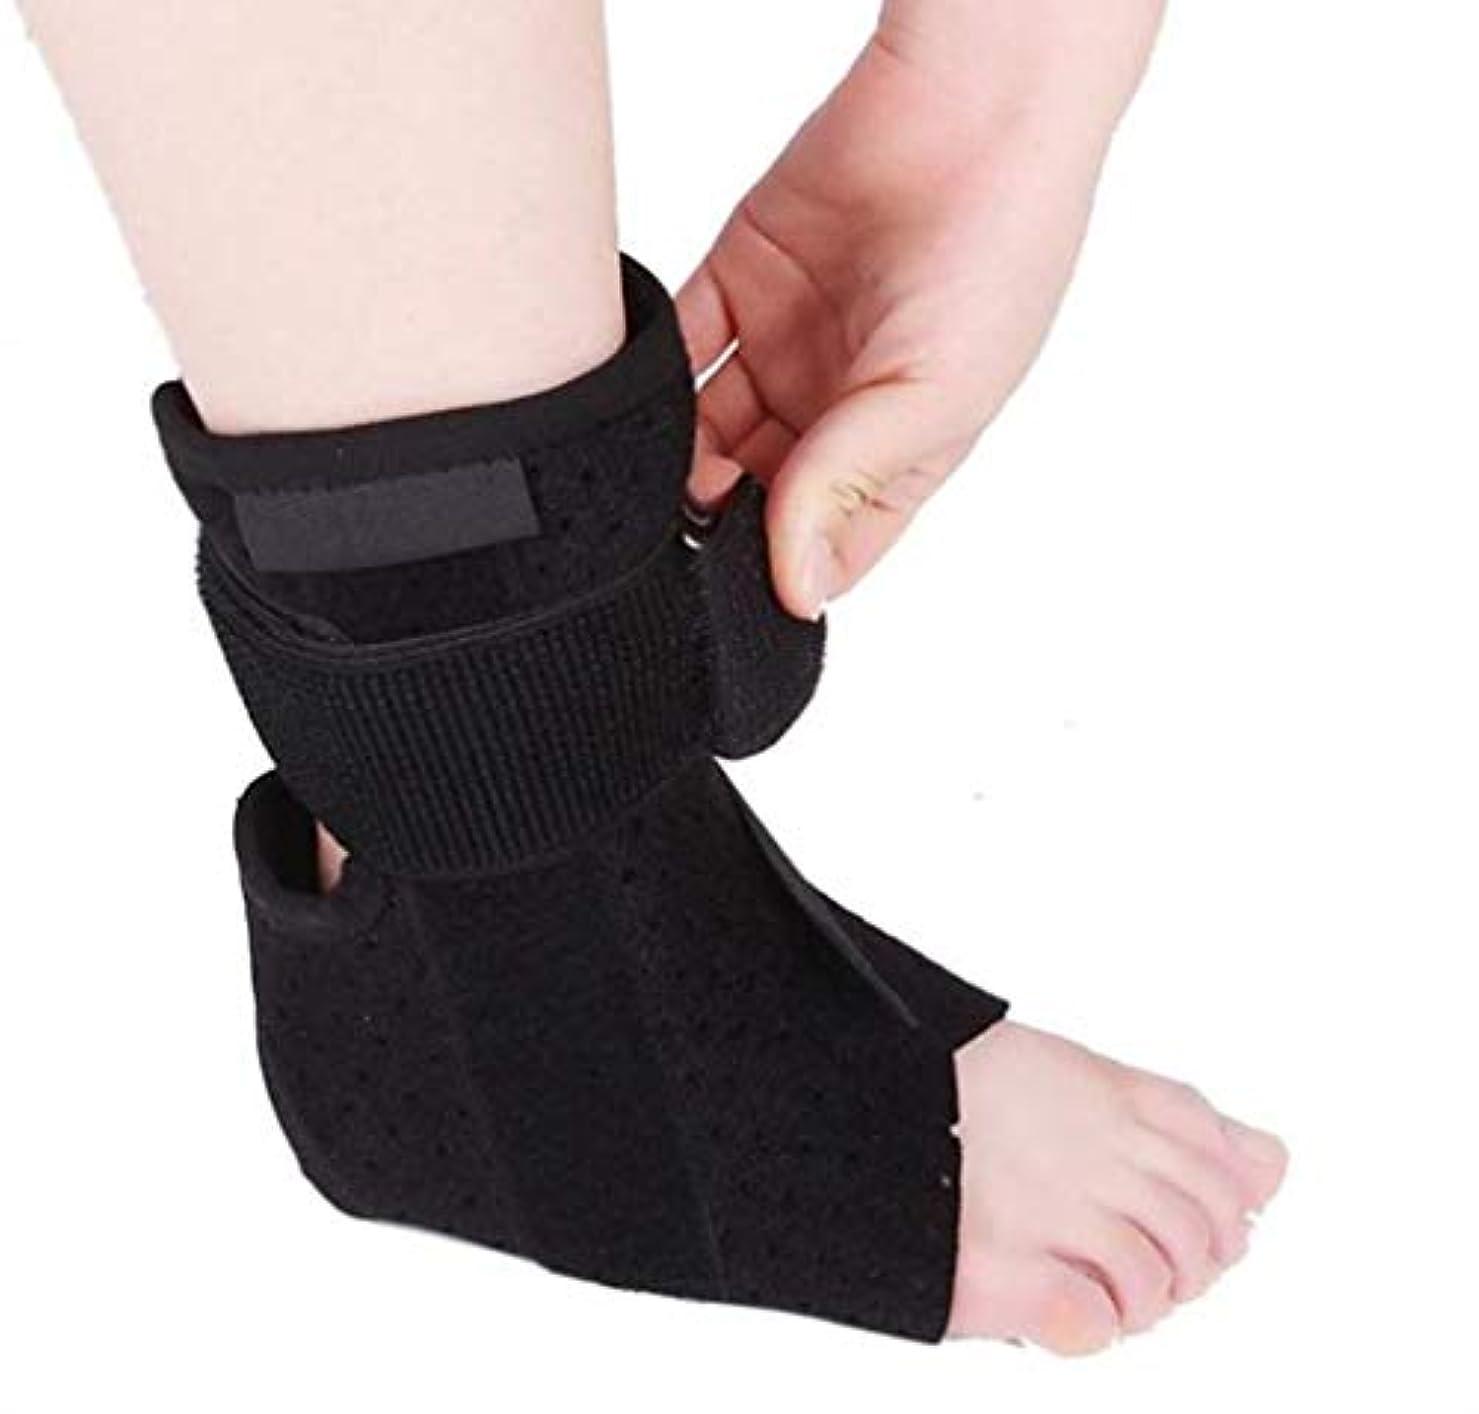 蒸留する期限フォージドロップフットブレース、負傷回復のためのドロップフットサポートスプリント圧縮、関節痛などの 足ドロップ装具足首ブレースサポート保護-ユニセックス